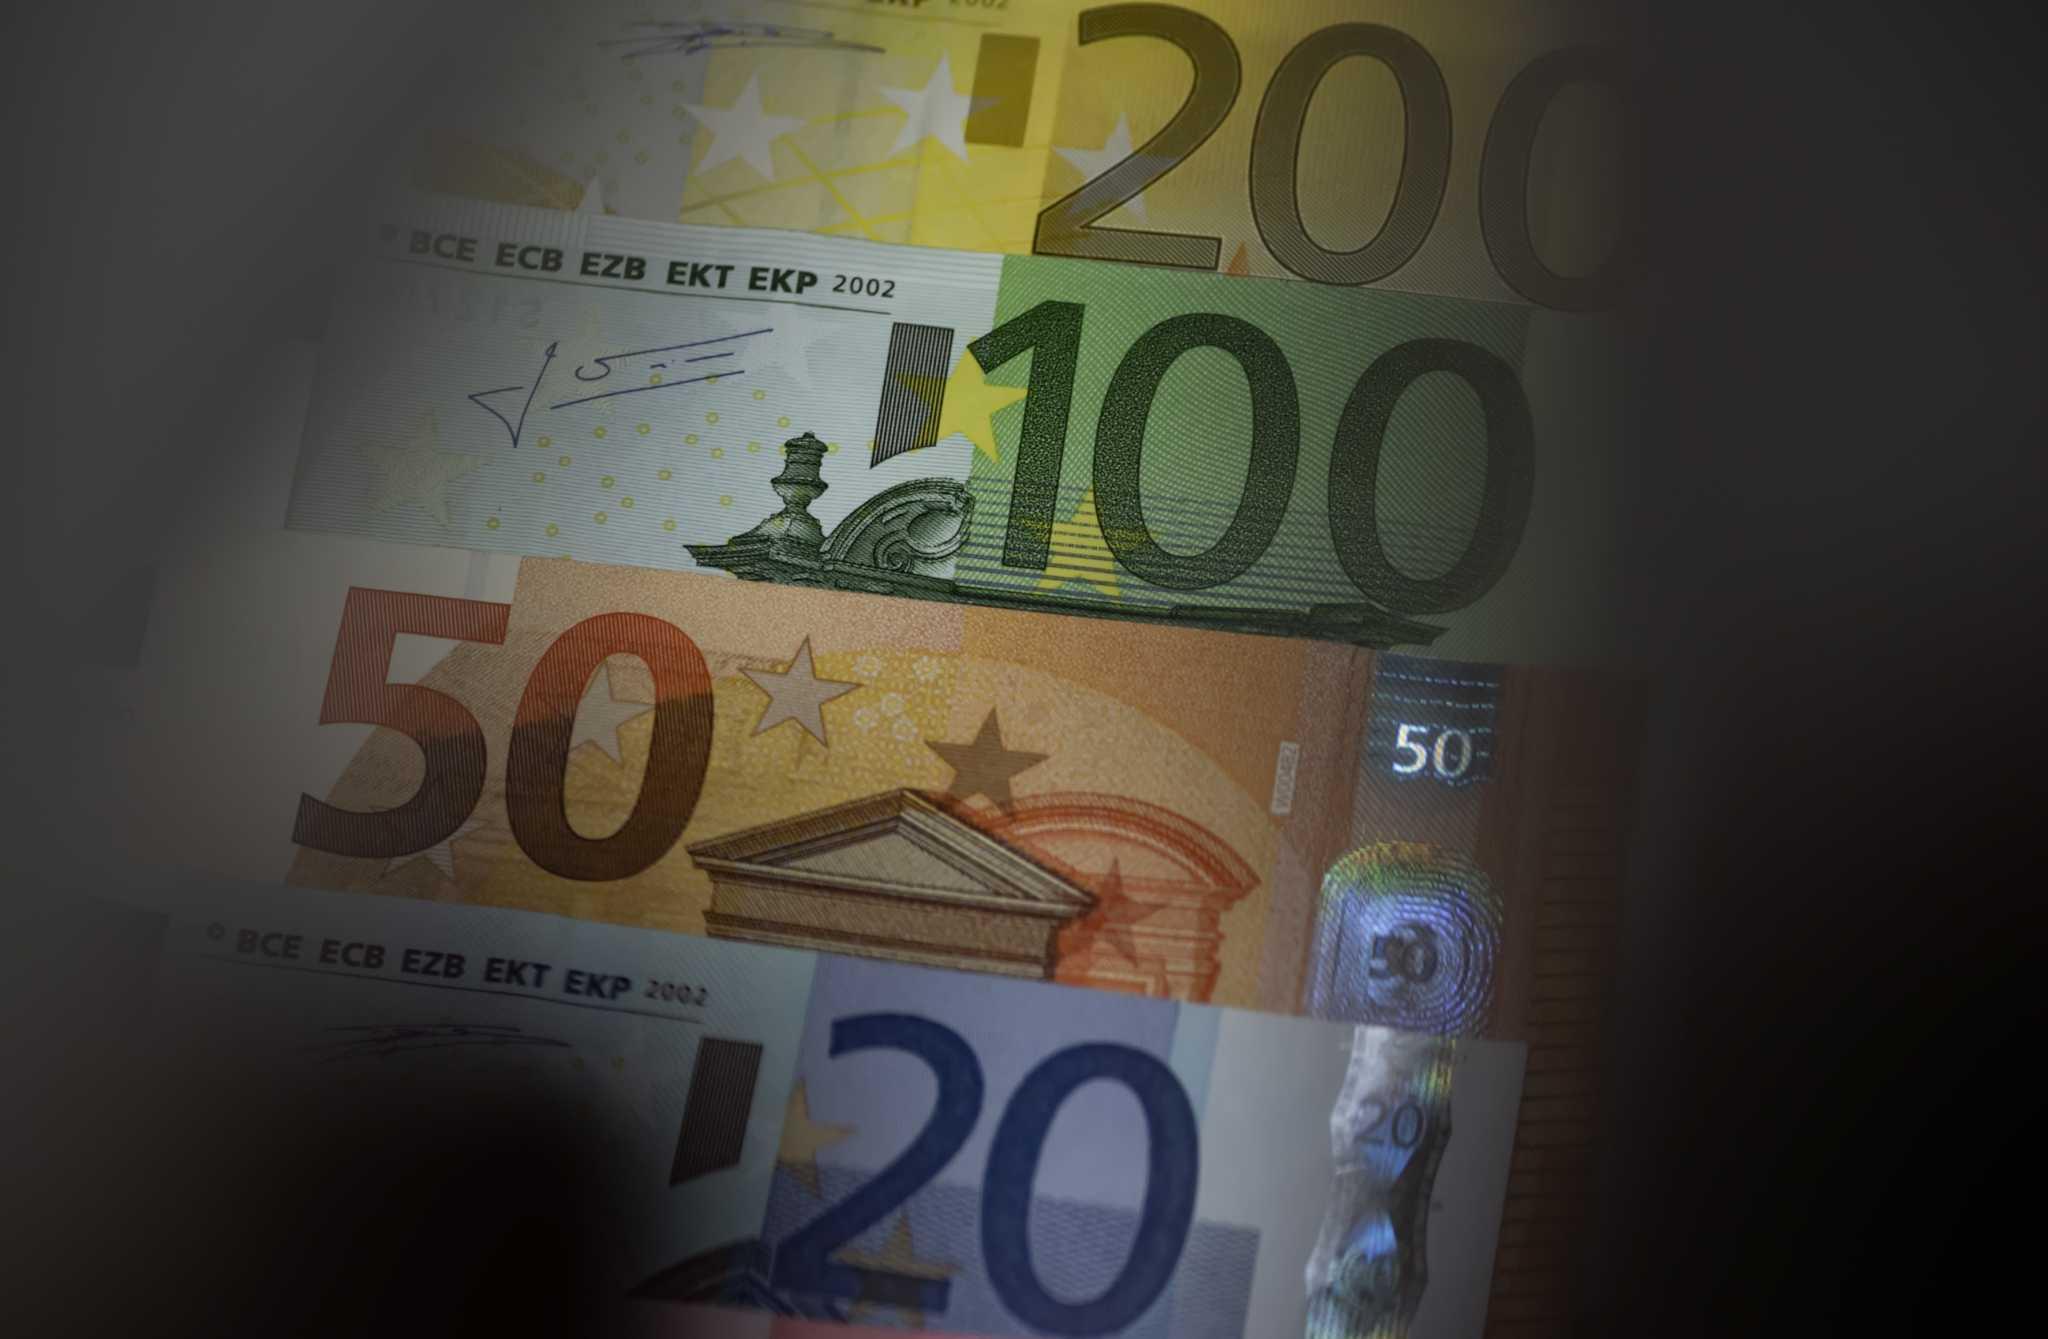 Πρόταση της Κομισιόν για επιπλέον 2,5 δισ. ευρώ στην Ελλάδα λόγω COVID-19